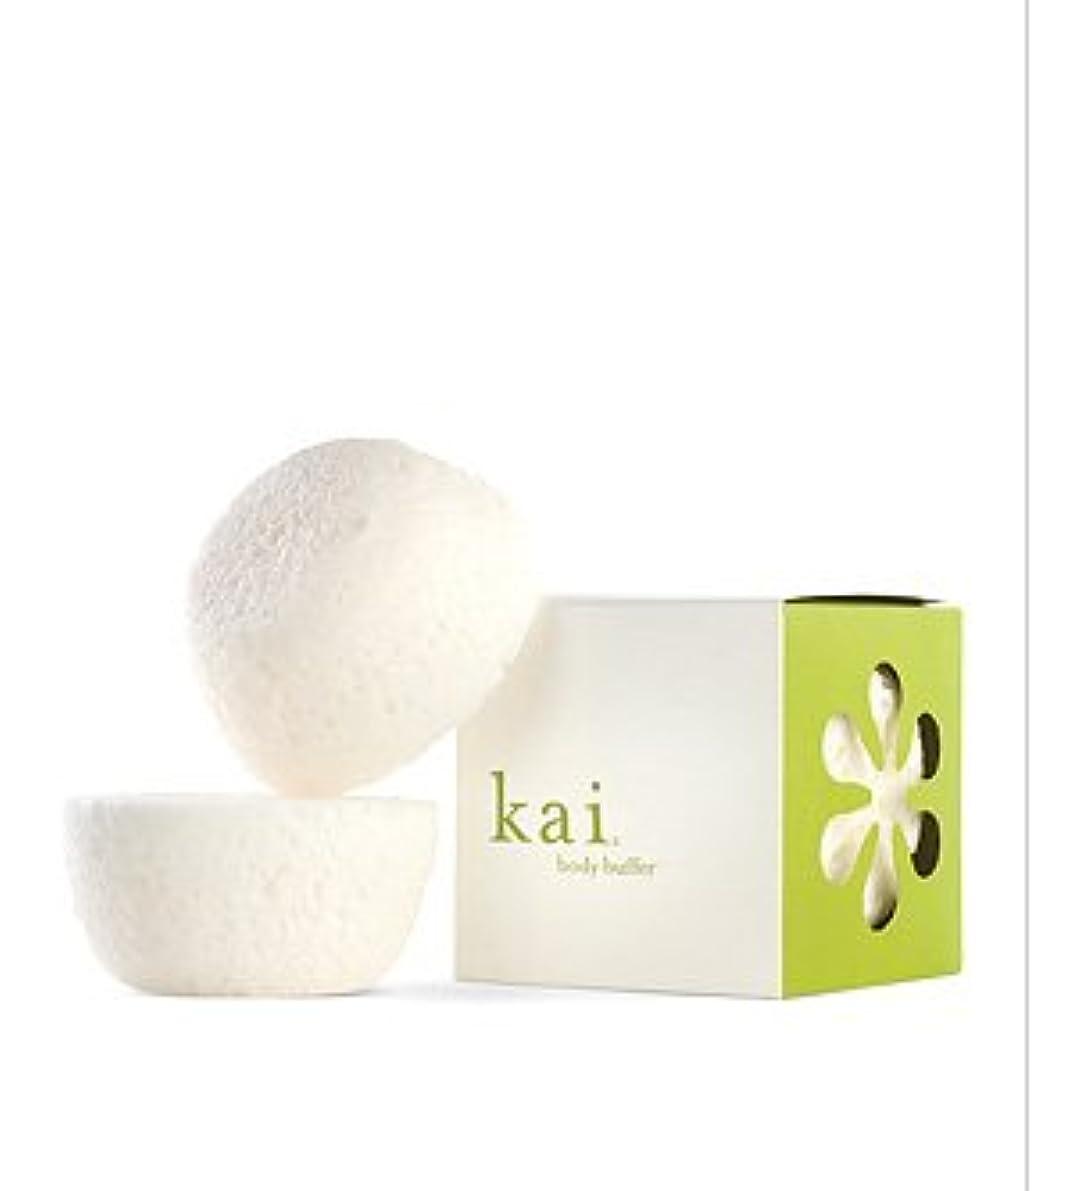 インゲンハグ物思いにふける〈海外直送品〉Kai Body Buffer (カイ ボディーバッファー) 2.75 oz (82.5ml) x 2 for Women